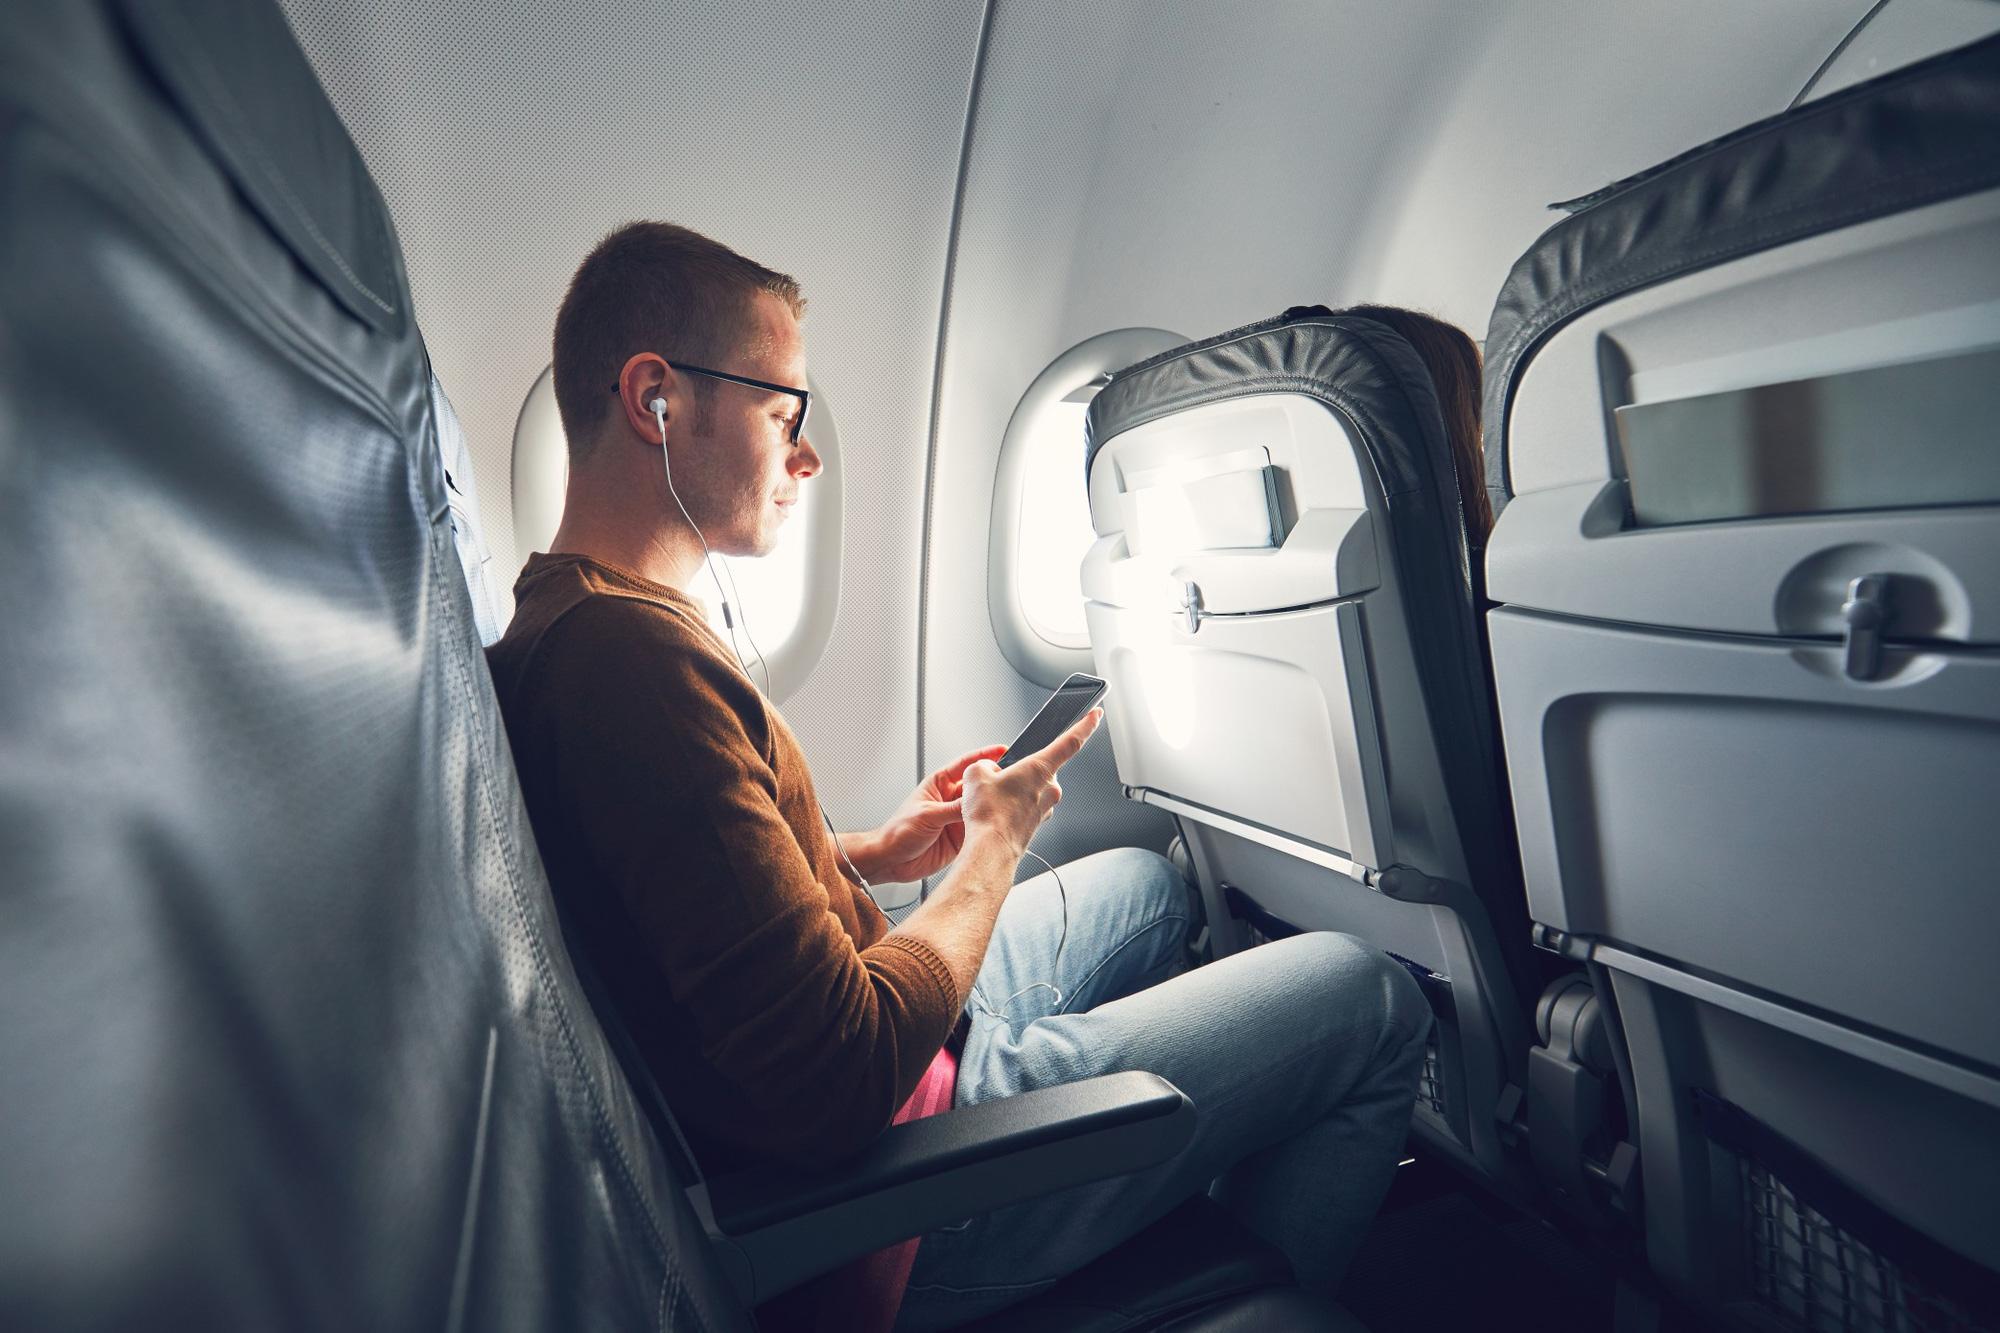 """Làm sao để """"nói khéo"""" người khác đổi ghế ngồi trên máy bay?  - Ảnh 3."""